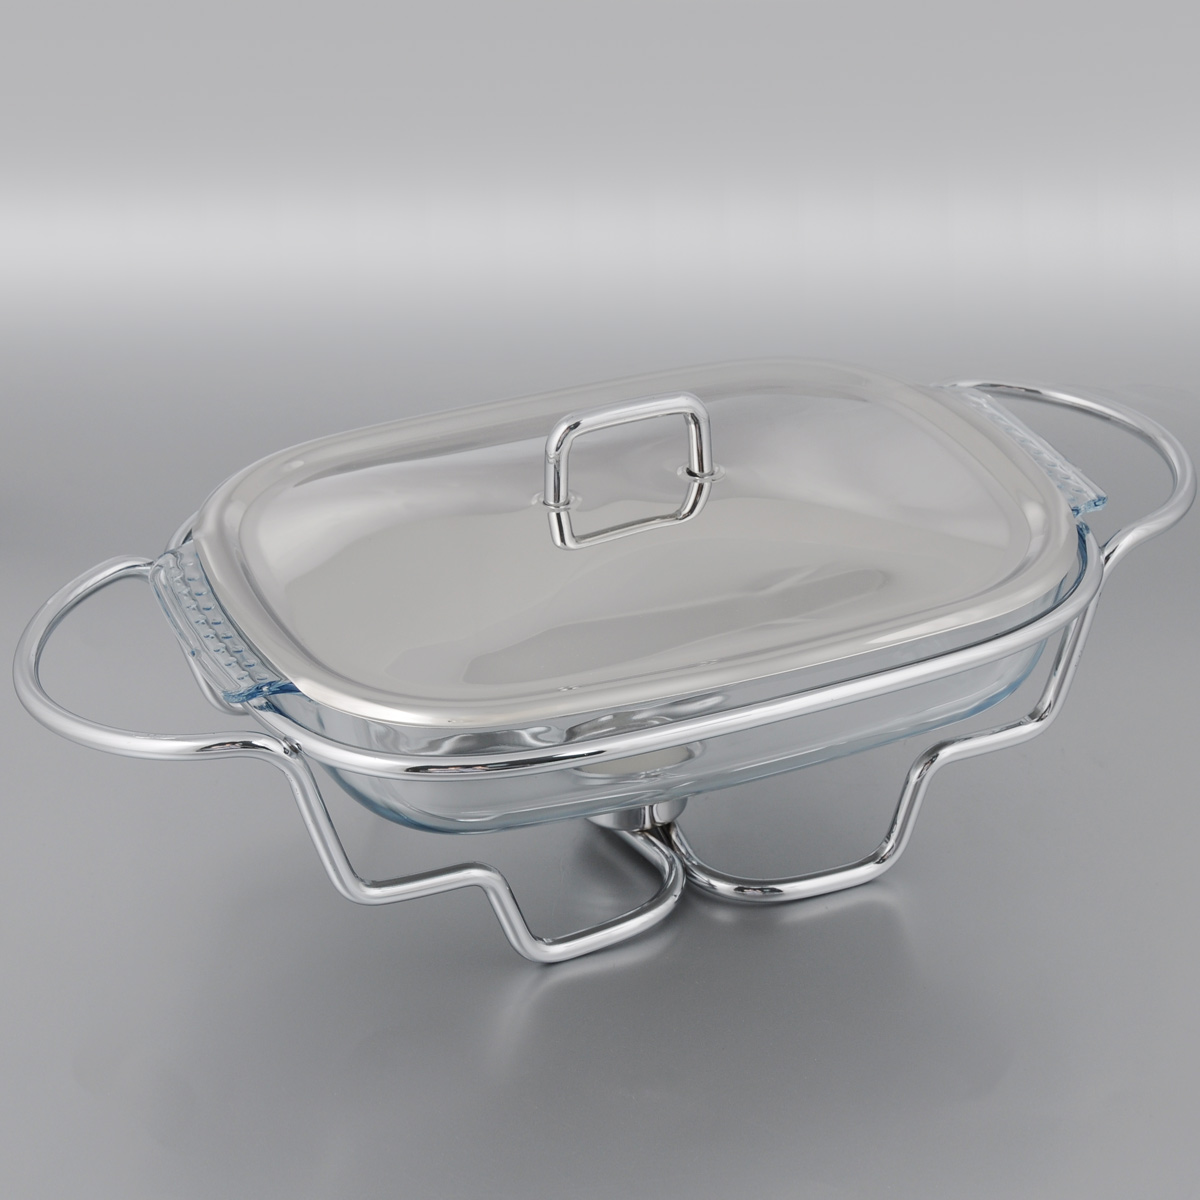 Мармит Mayer & Boch, со свечой, 1,5 л. 2088020880Мармит Mayer & Boch, изготовленный из стекла инержавеющей стали,позволит вам довольнодлительное время сохранять температуру блюда исоздаст романтическуюобстановку. Мармитпредназначен для приготовления блюд в духовке имикроволновой печи.Благодаря красивомудизайну мармит можно сразу подавать на стол, неперекладывая блюдо насервировочные тарелки. Его действие основано напринципе водяной бани.Под емкостьюустановлена 1 свеча (входит в комплект), которая, всвою очередь, нагреваетпродукты. Такимобразом, данное кухонное приспособление -превосходный способ не датьблюду остыть. Приэтом пища не пригорает, не пересыхает, сохраняетвсе свои питательные ивкусовые качества. Стеклянное блюдо можно использовать вмикроволновой печи и духовке.Можно мыть впосудомоечной машине и ставить в холодильник. Размер блюда (по верхнему краю): 25 х 18,5 см. Ширина мармита (с учетом ручек): 31 см. Высота мармита: 12 см. Диаметр свечи: 3,7 см.